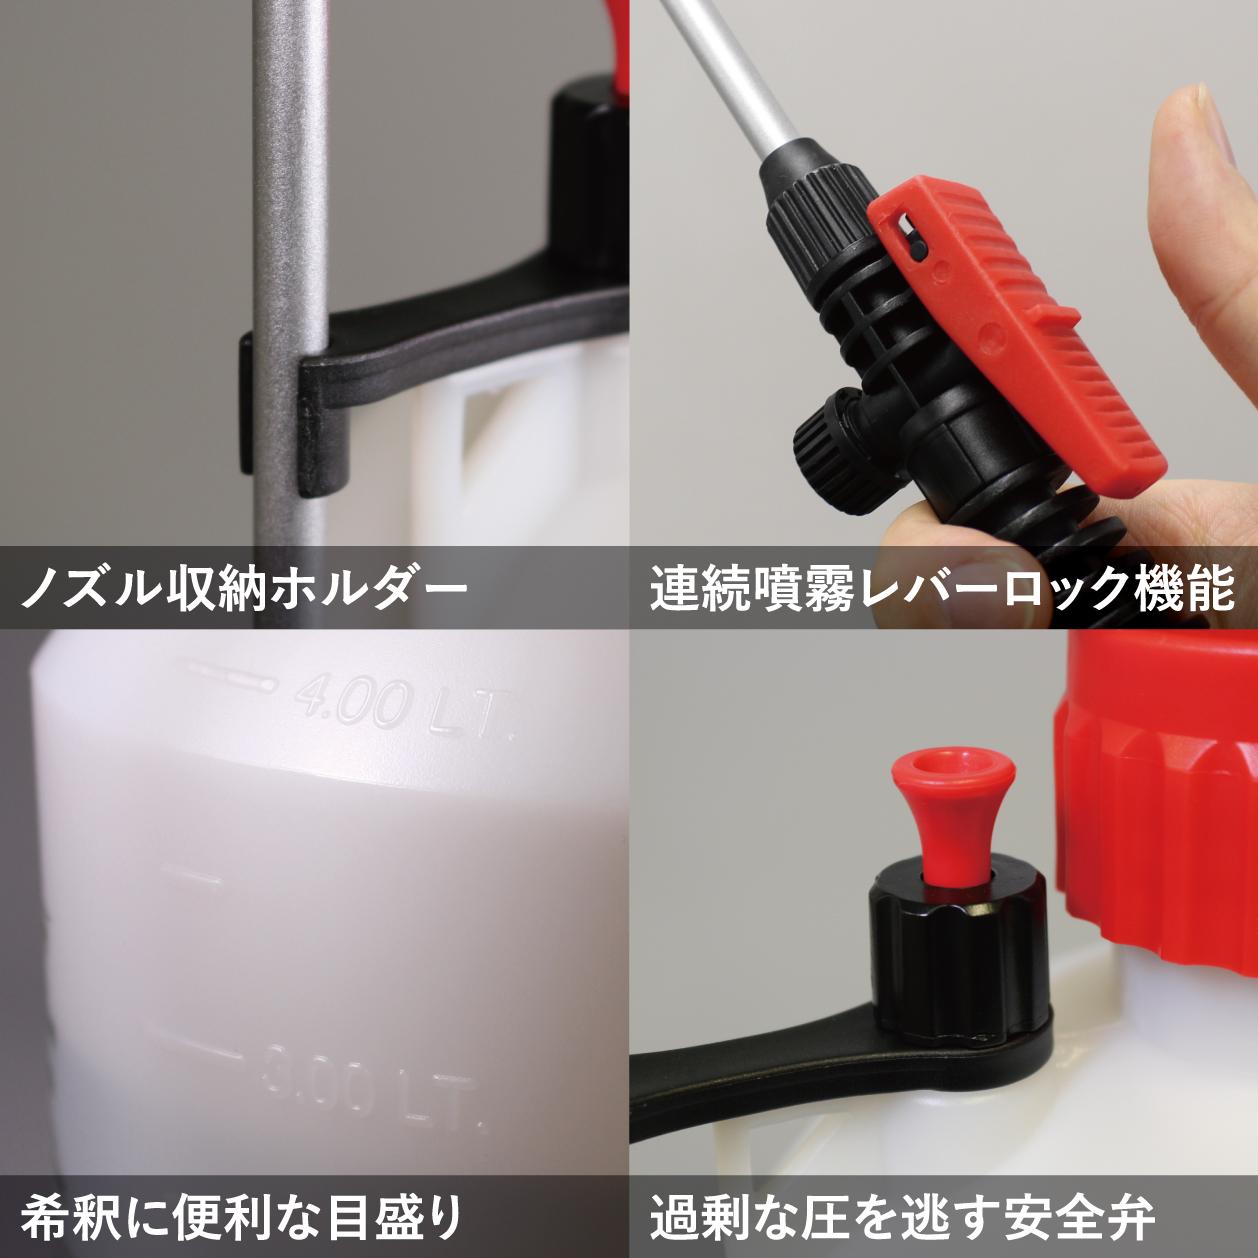 【マルハチ産業】蓄圧式噴霧器4L 二頭口 ホワイト